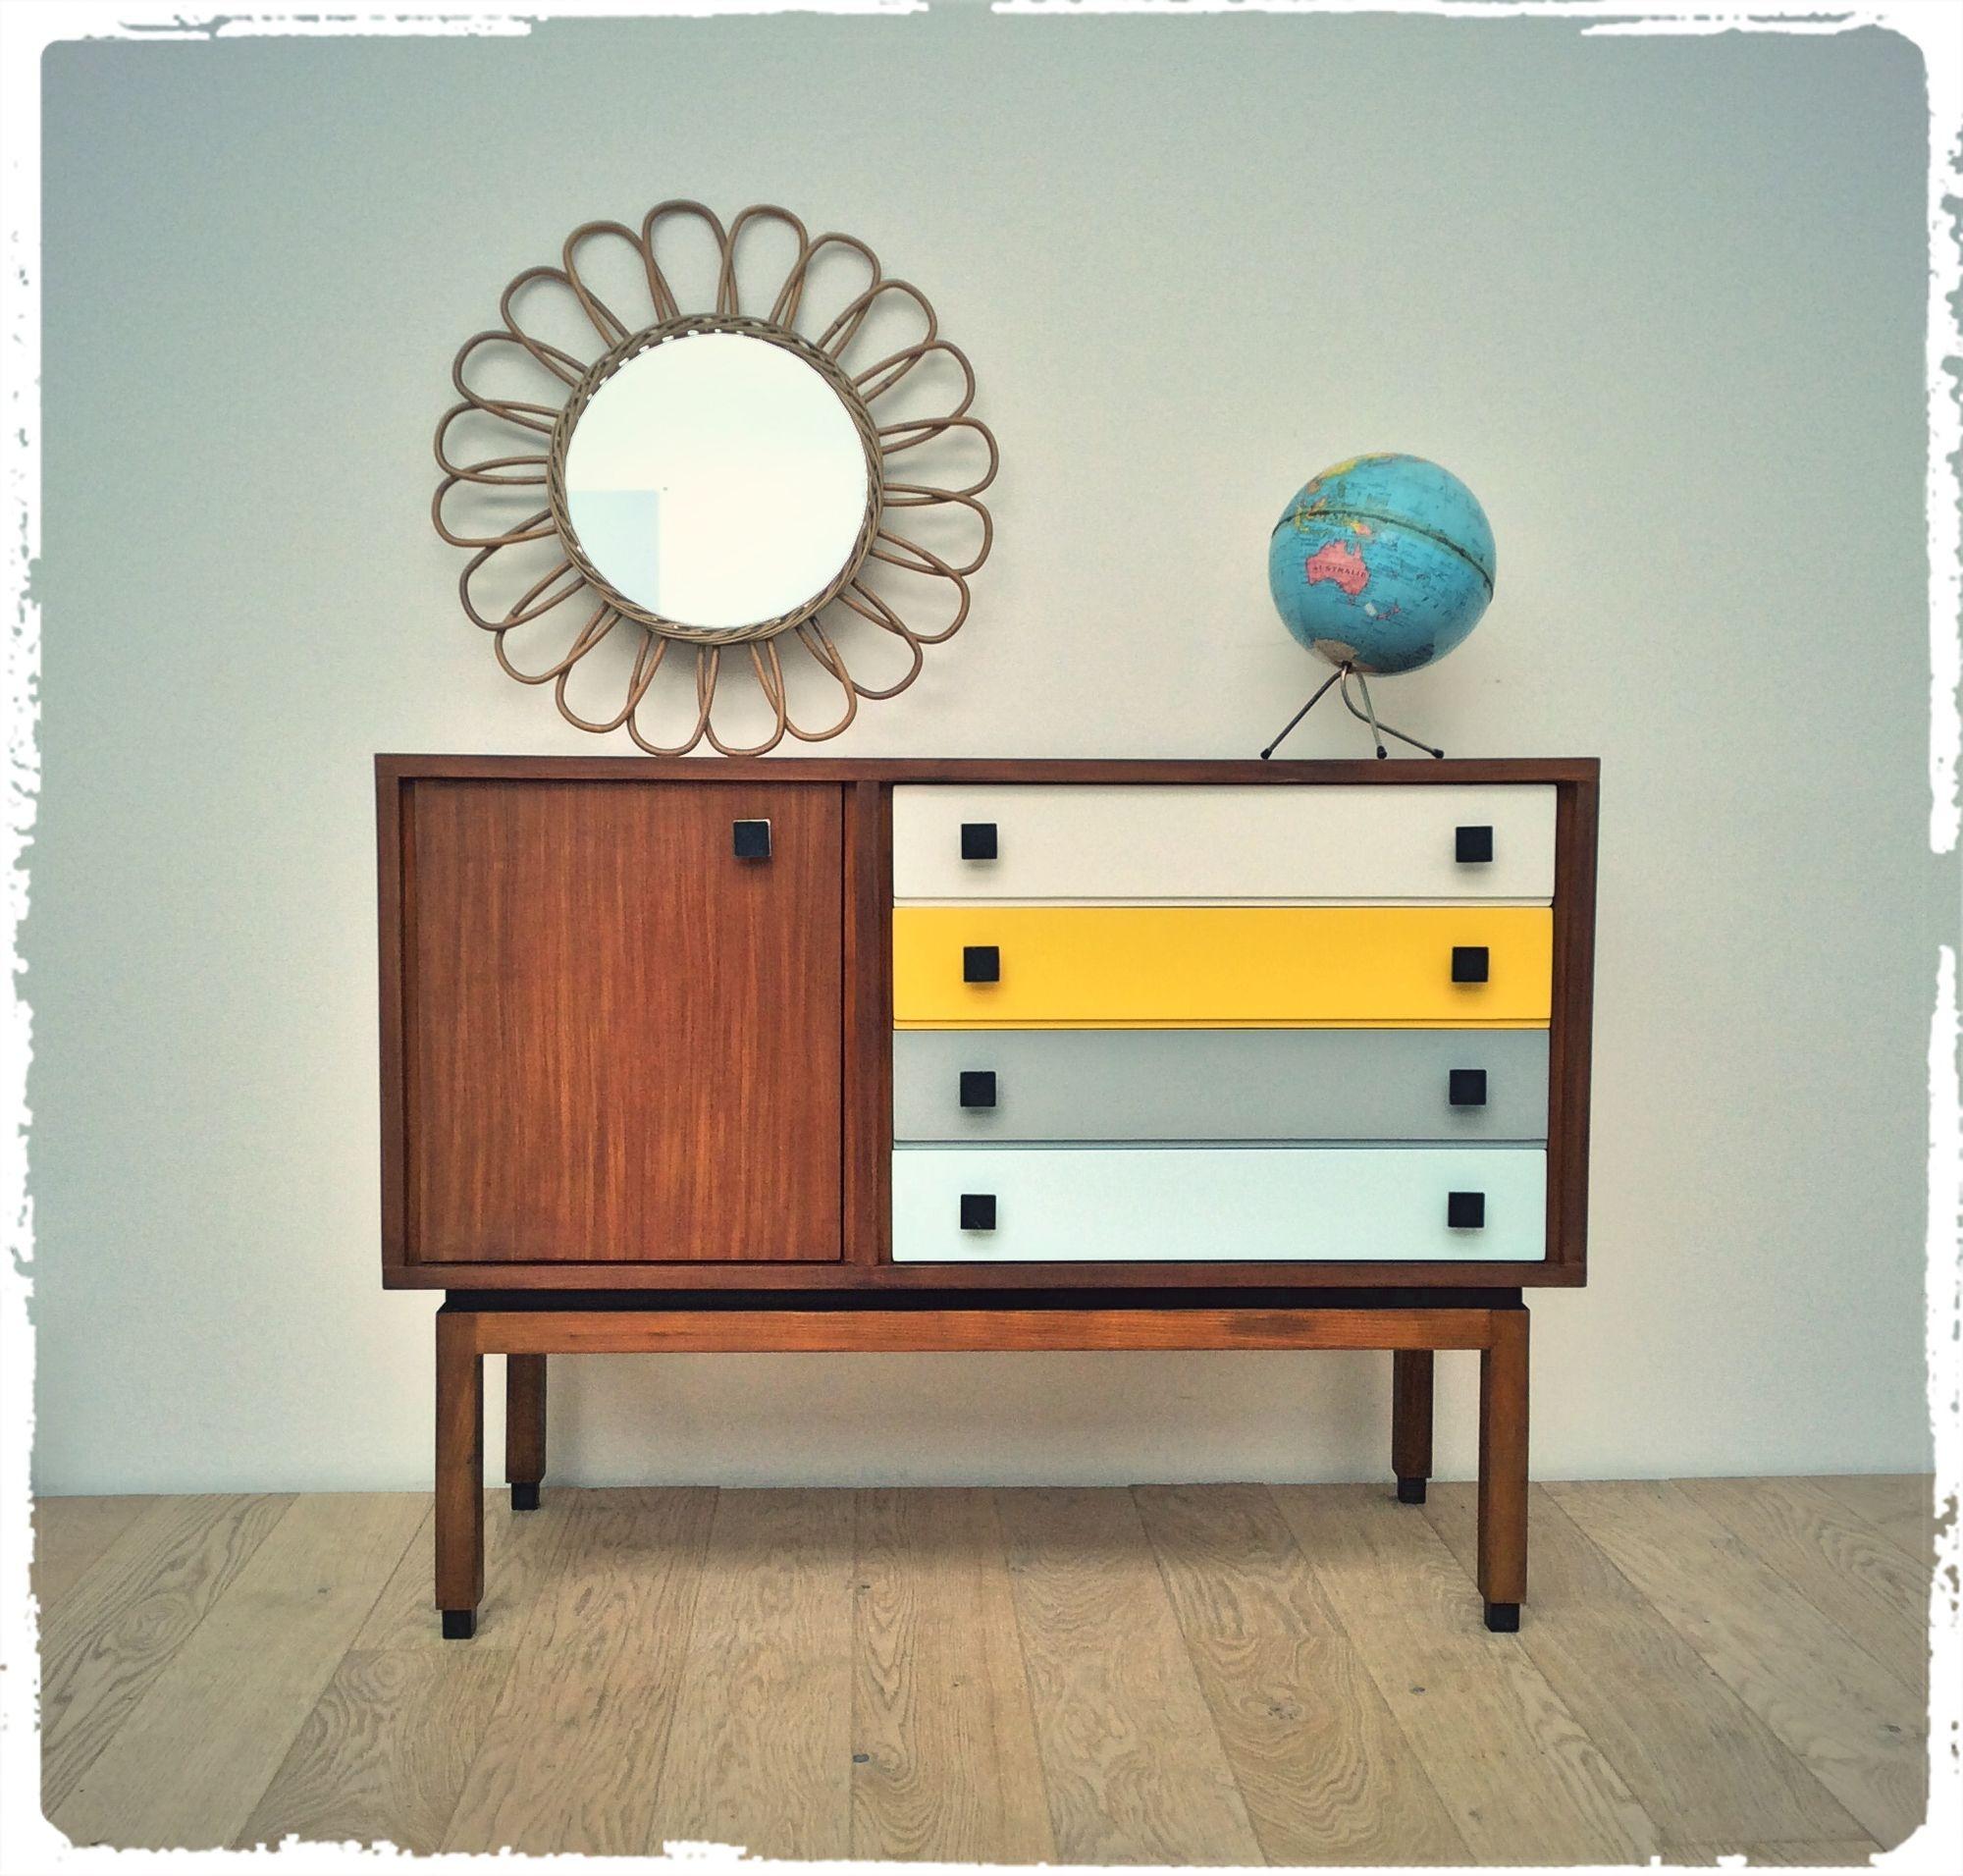 Boutique En Ligne De Mobilier De Decoration Vintage Et Scandinave Decoration Vintage Mobilier Mobilier De Salon